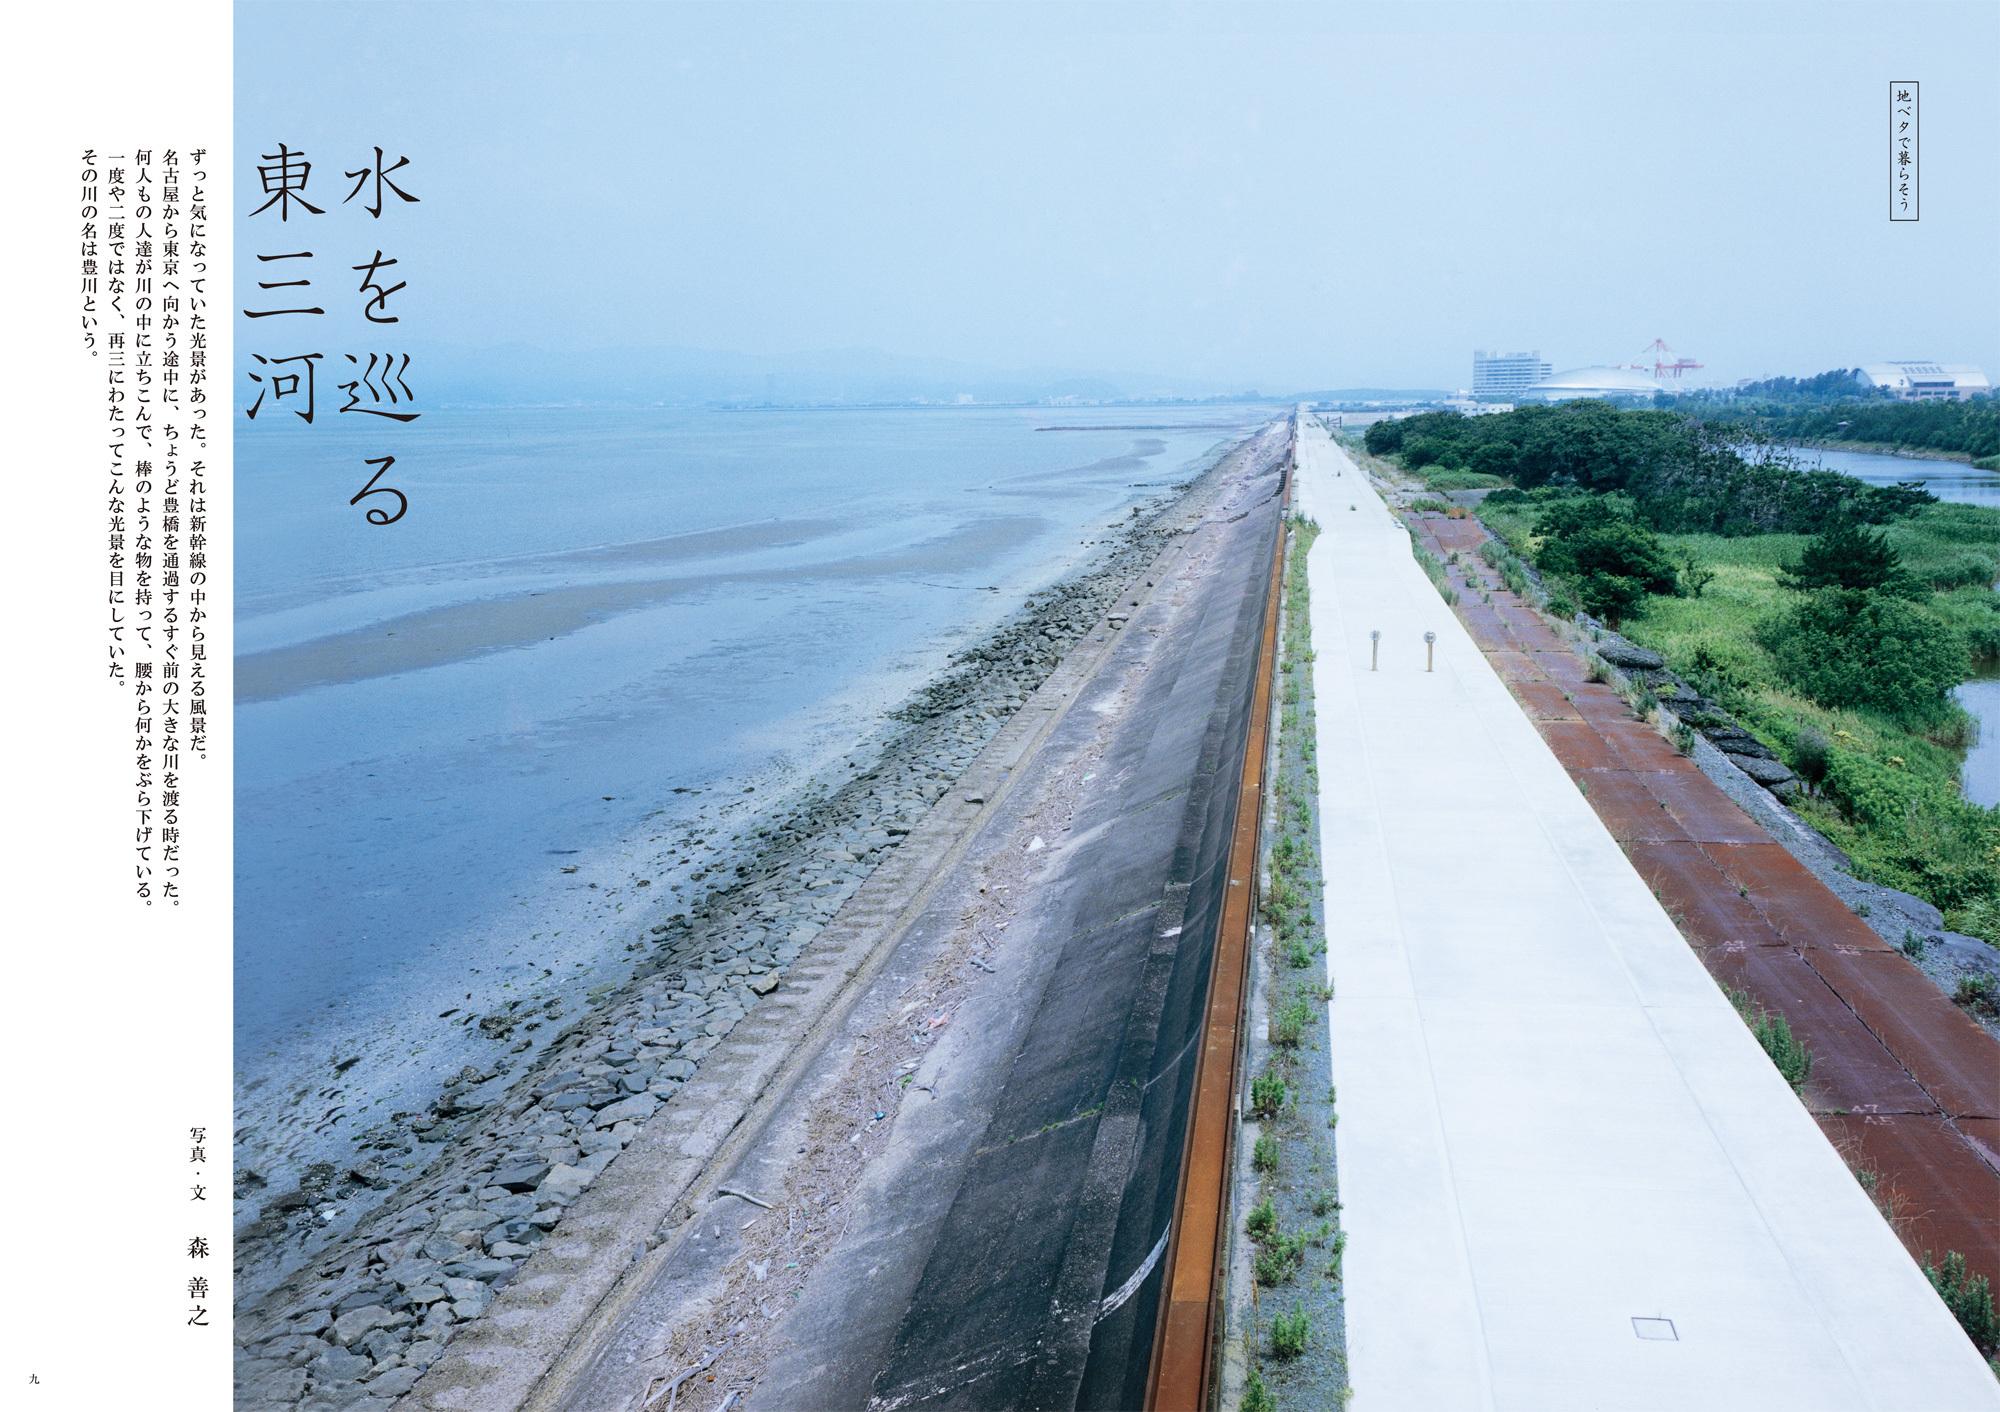 06_愛知_p8-9[地ベタで暮らそう/水を巡る・東三河]